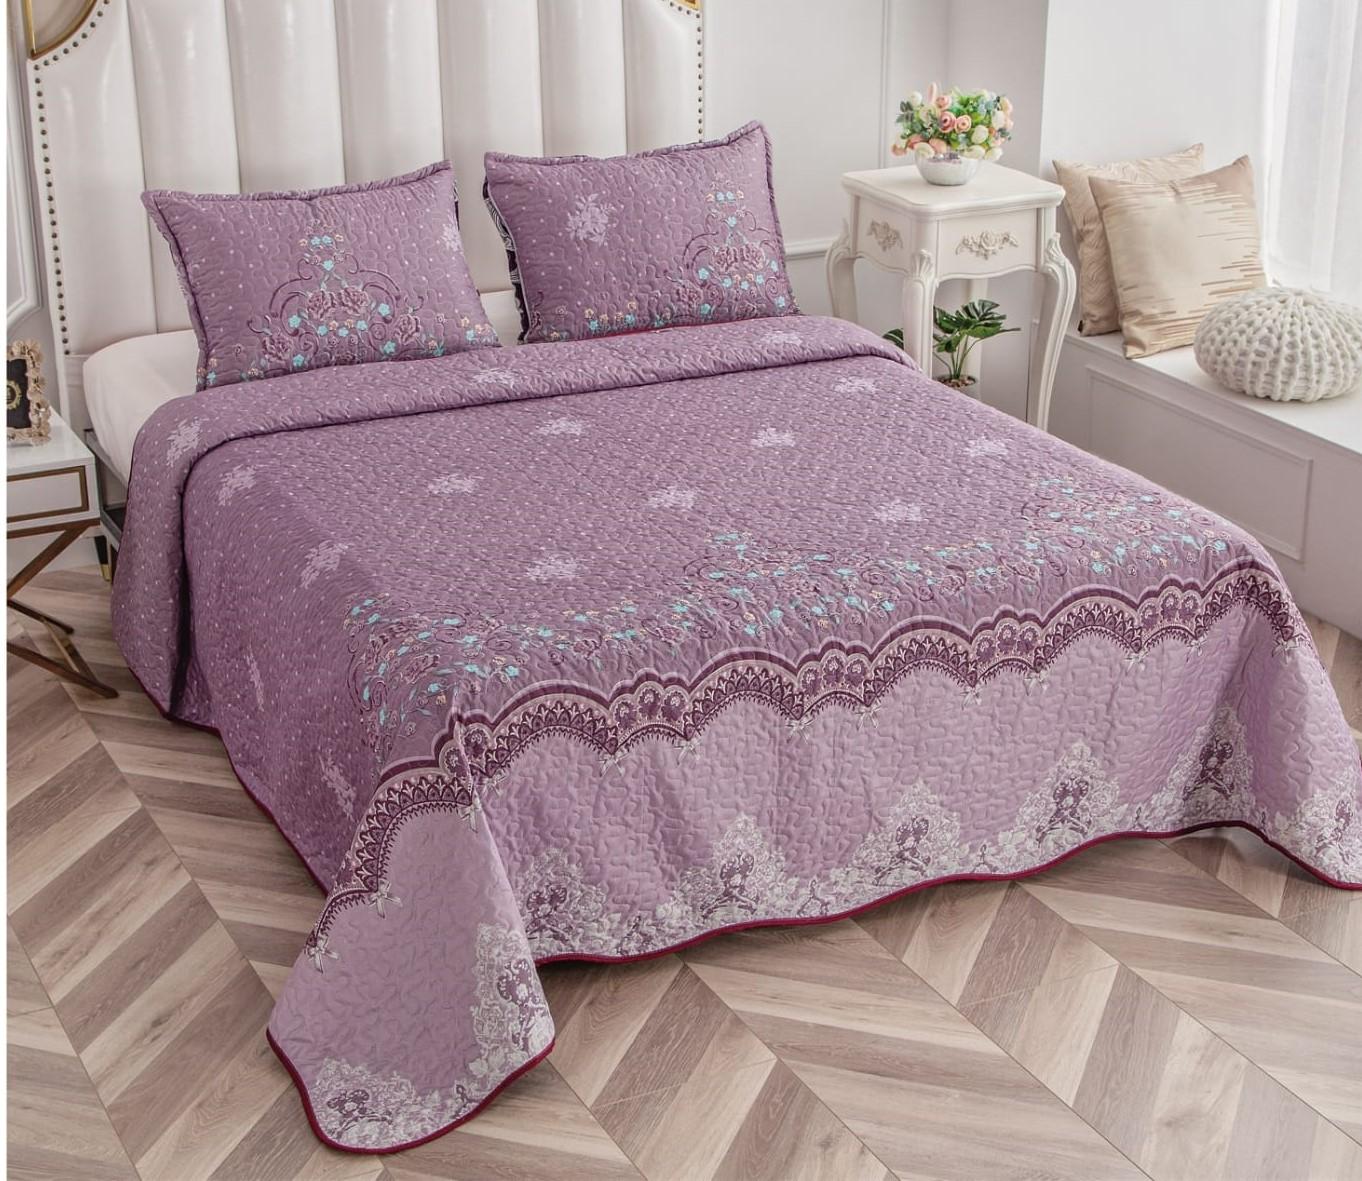 Cuvertura pentru pat Via Dante,2 persoane,220x240 cm,CVD-204